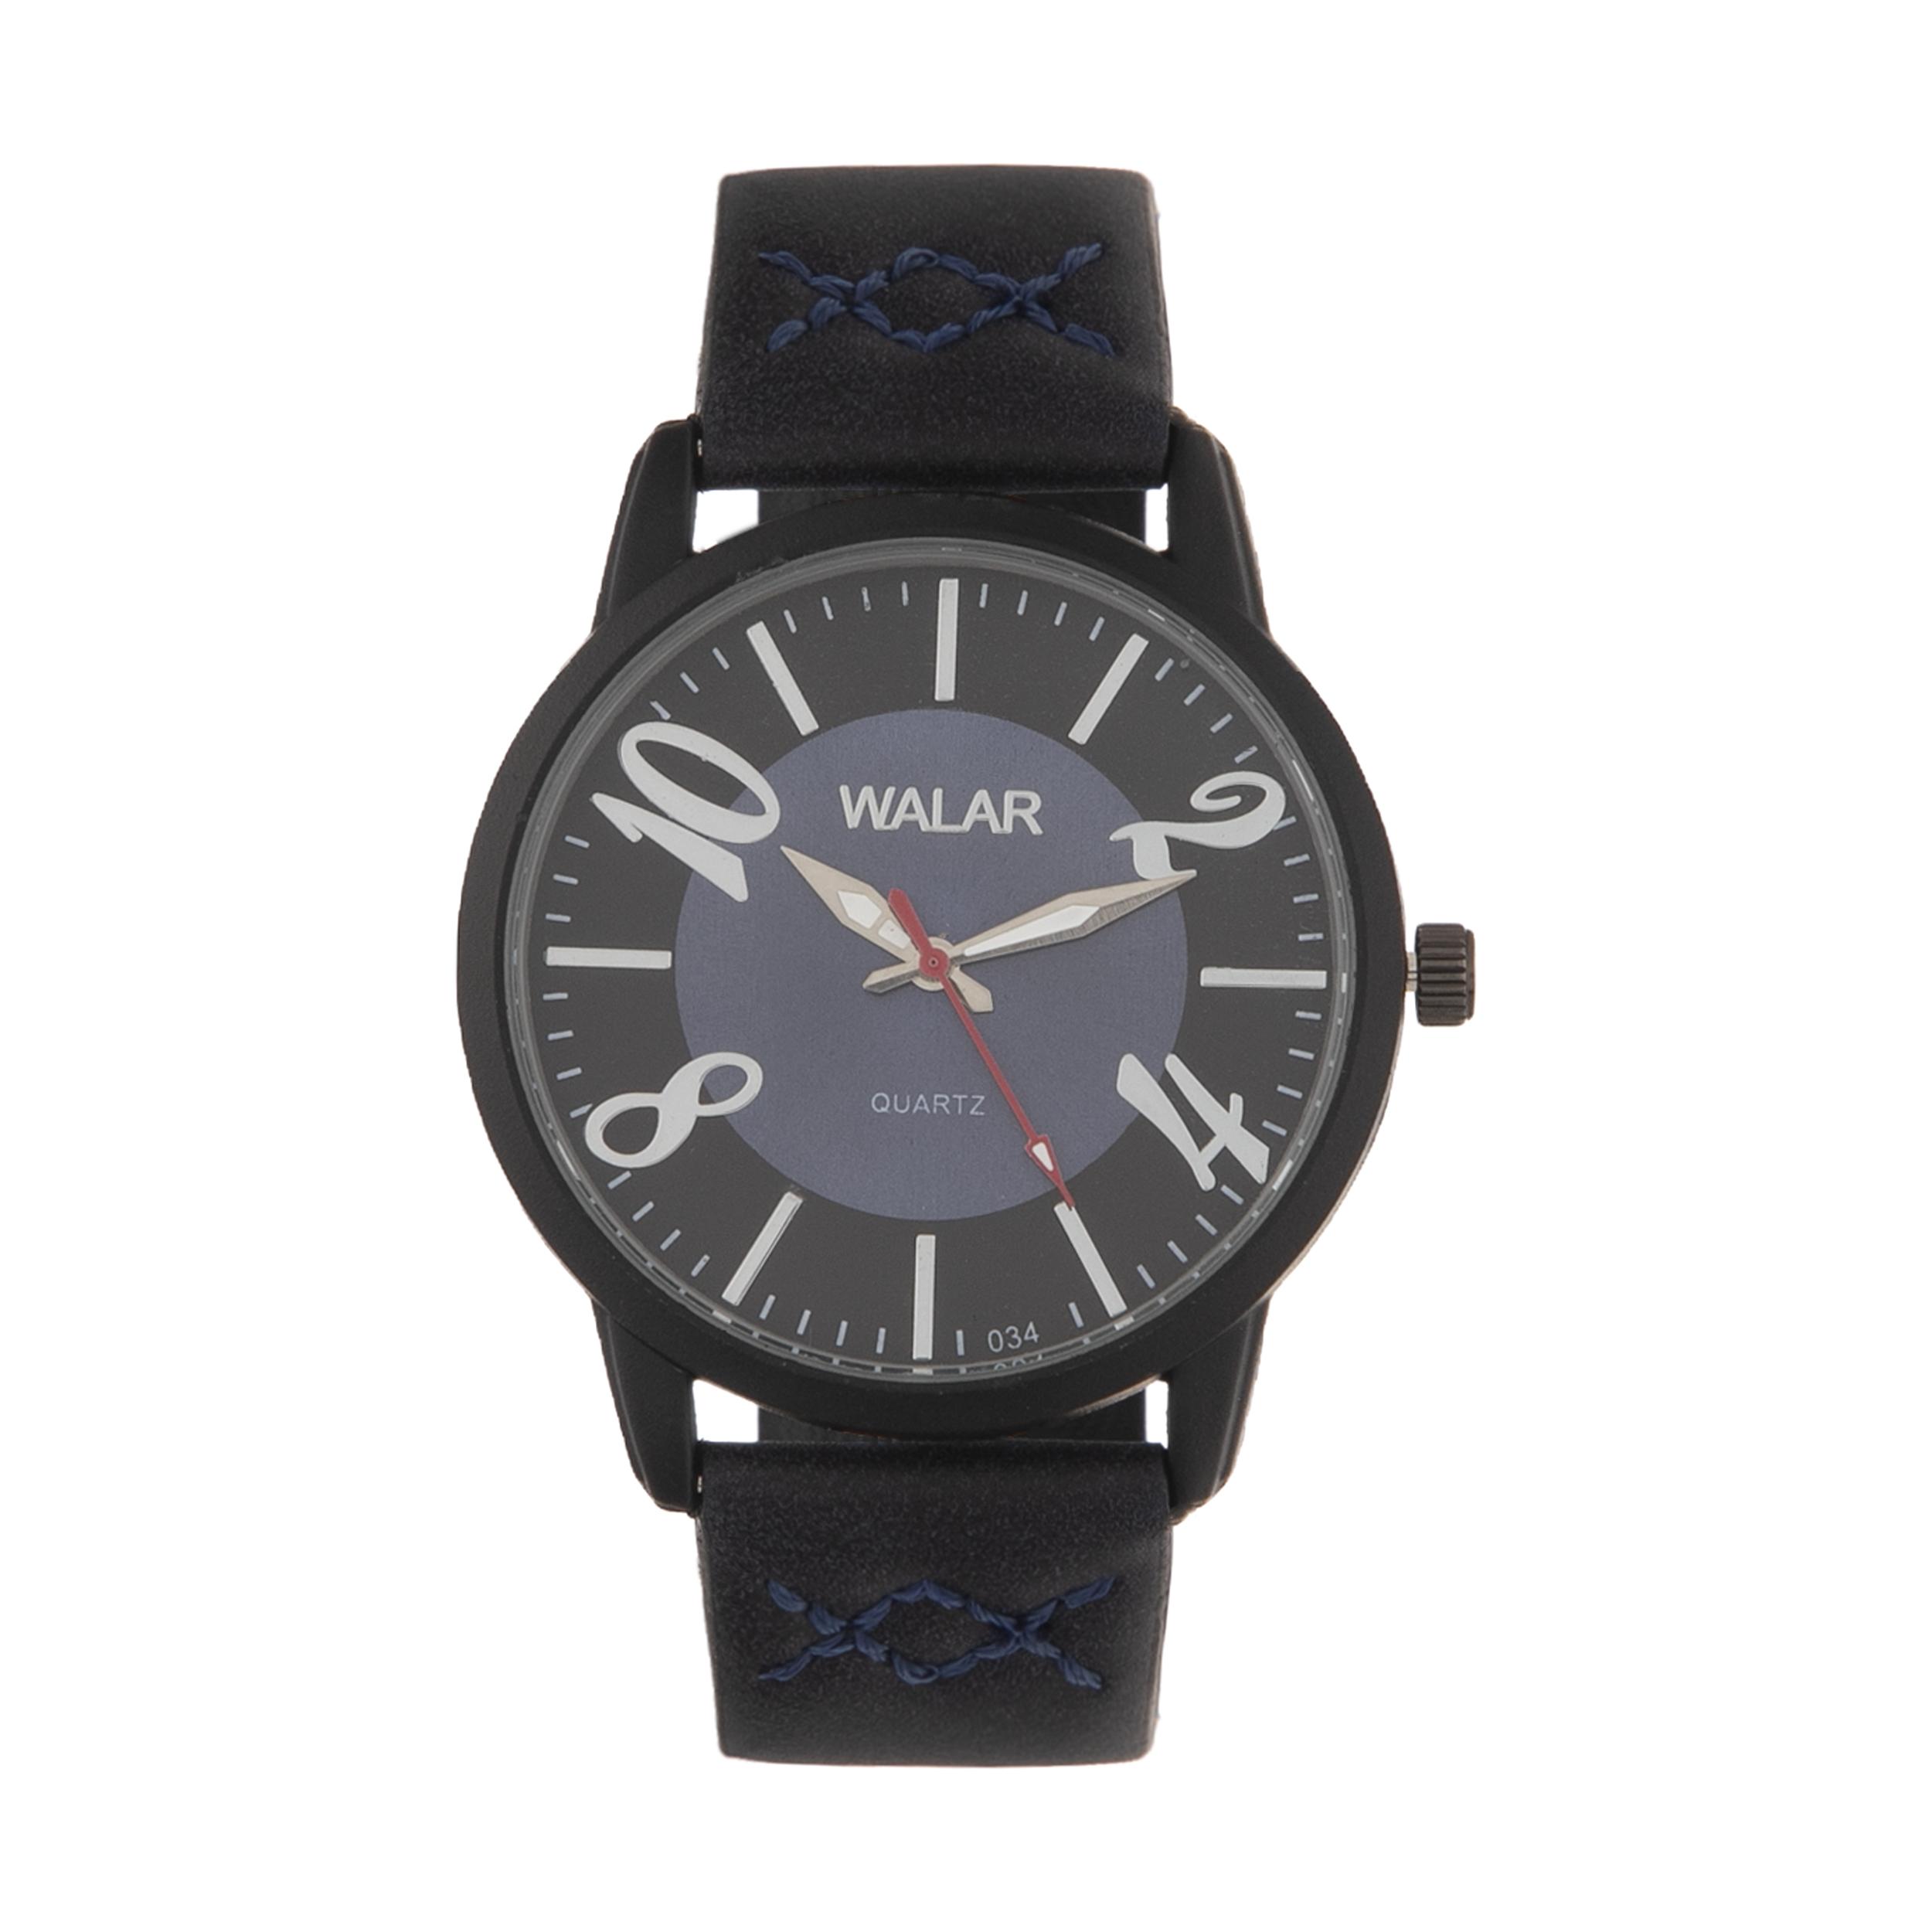 ساعت مچی عقربه ای والار مدل X122              خرید (⭐️⭐️⭐️)